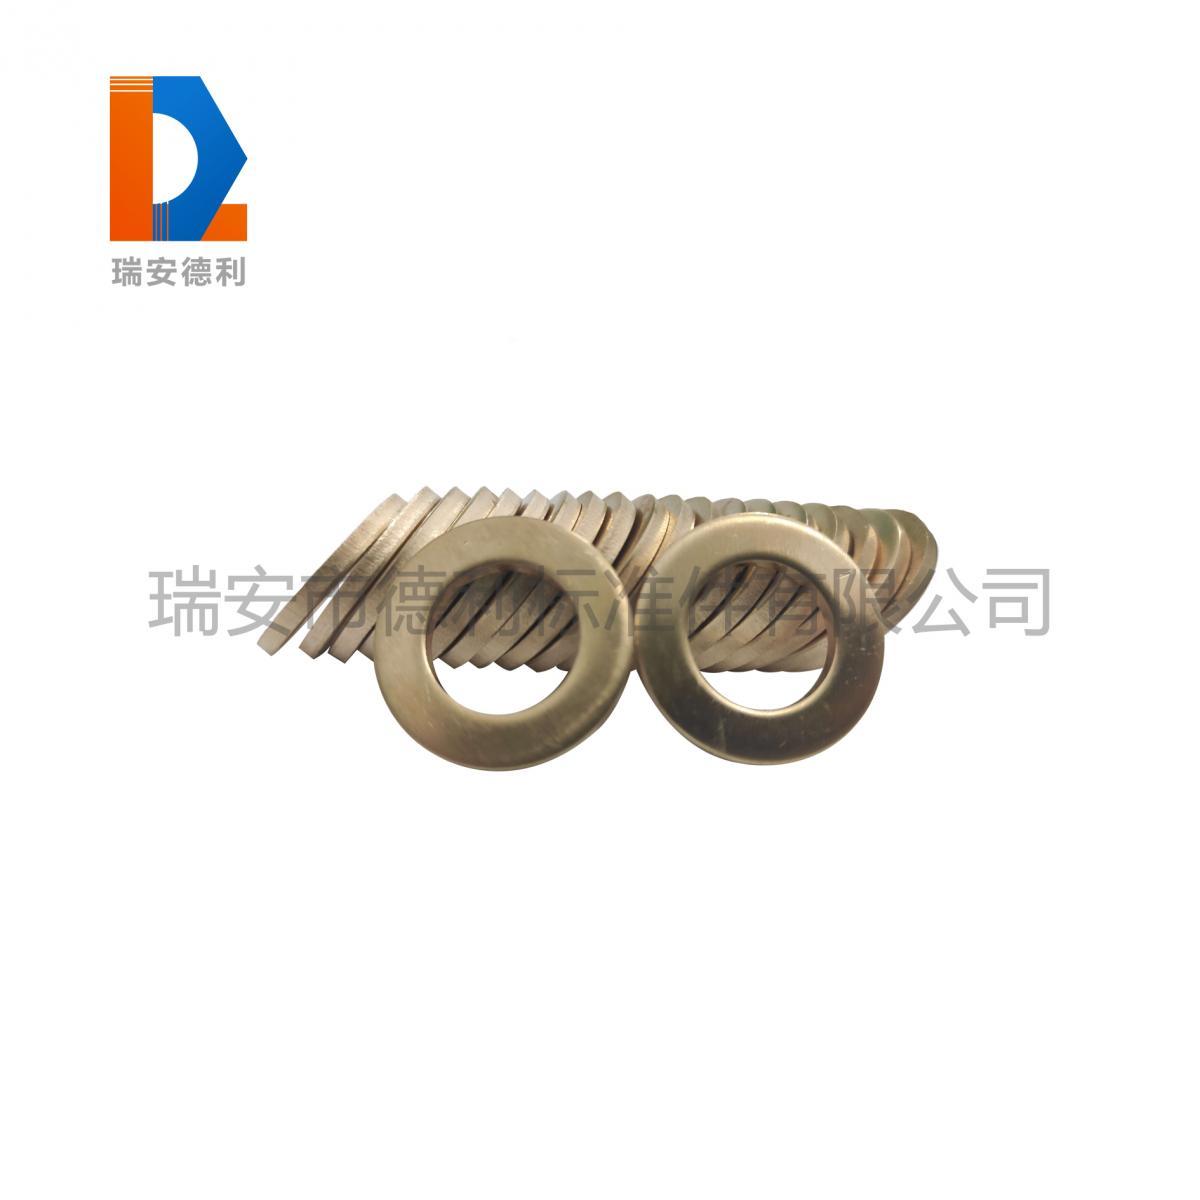 铜材质平垫圈 GB95